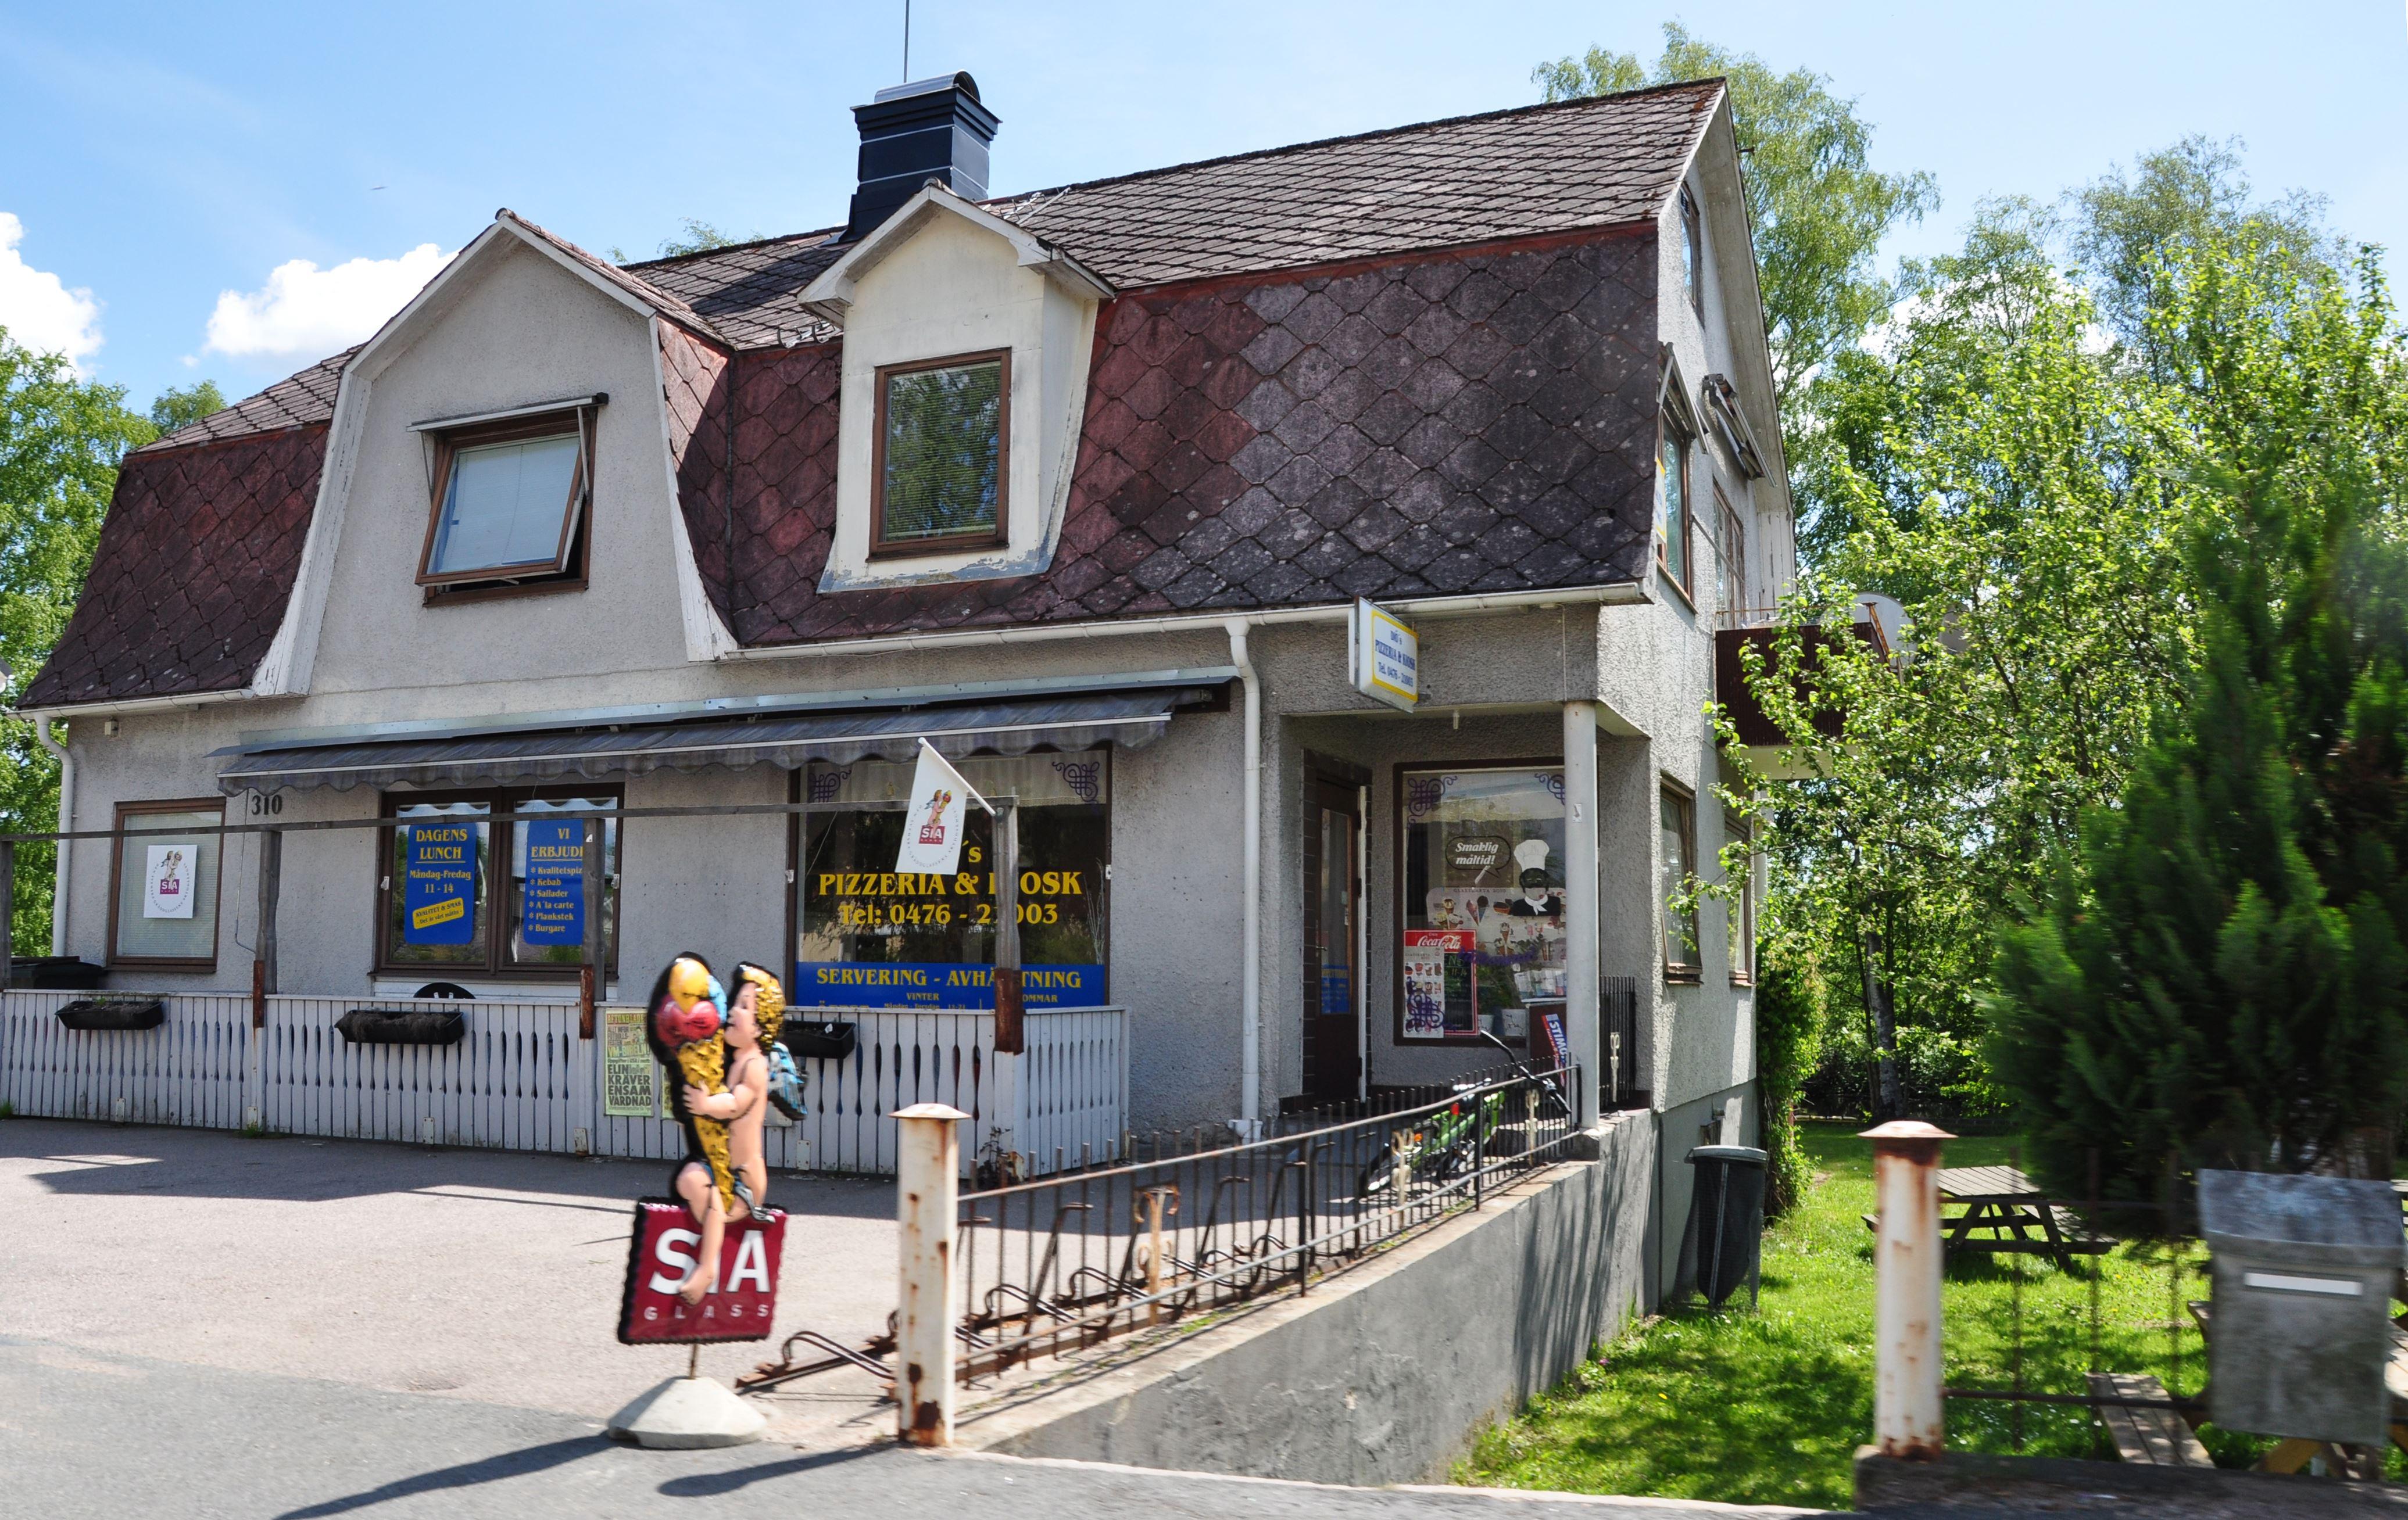 Diö Pizzeria & Kiosk